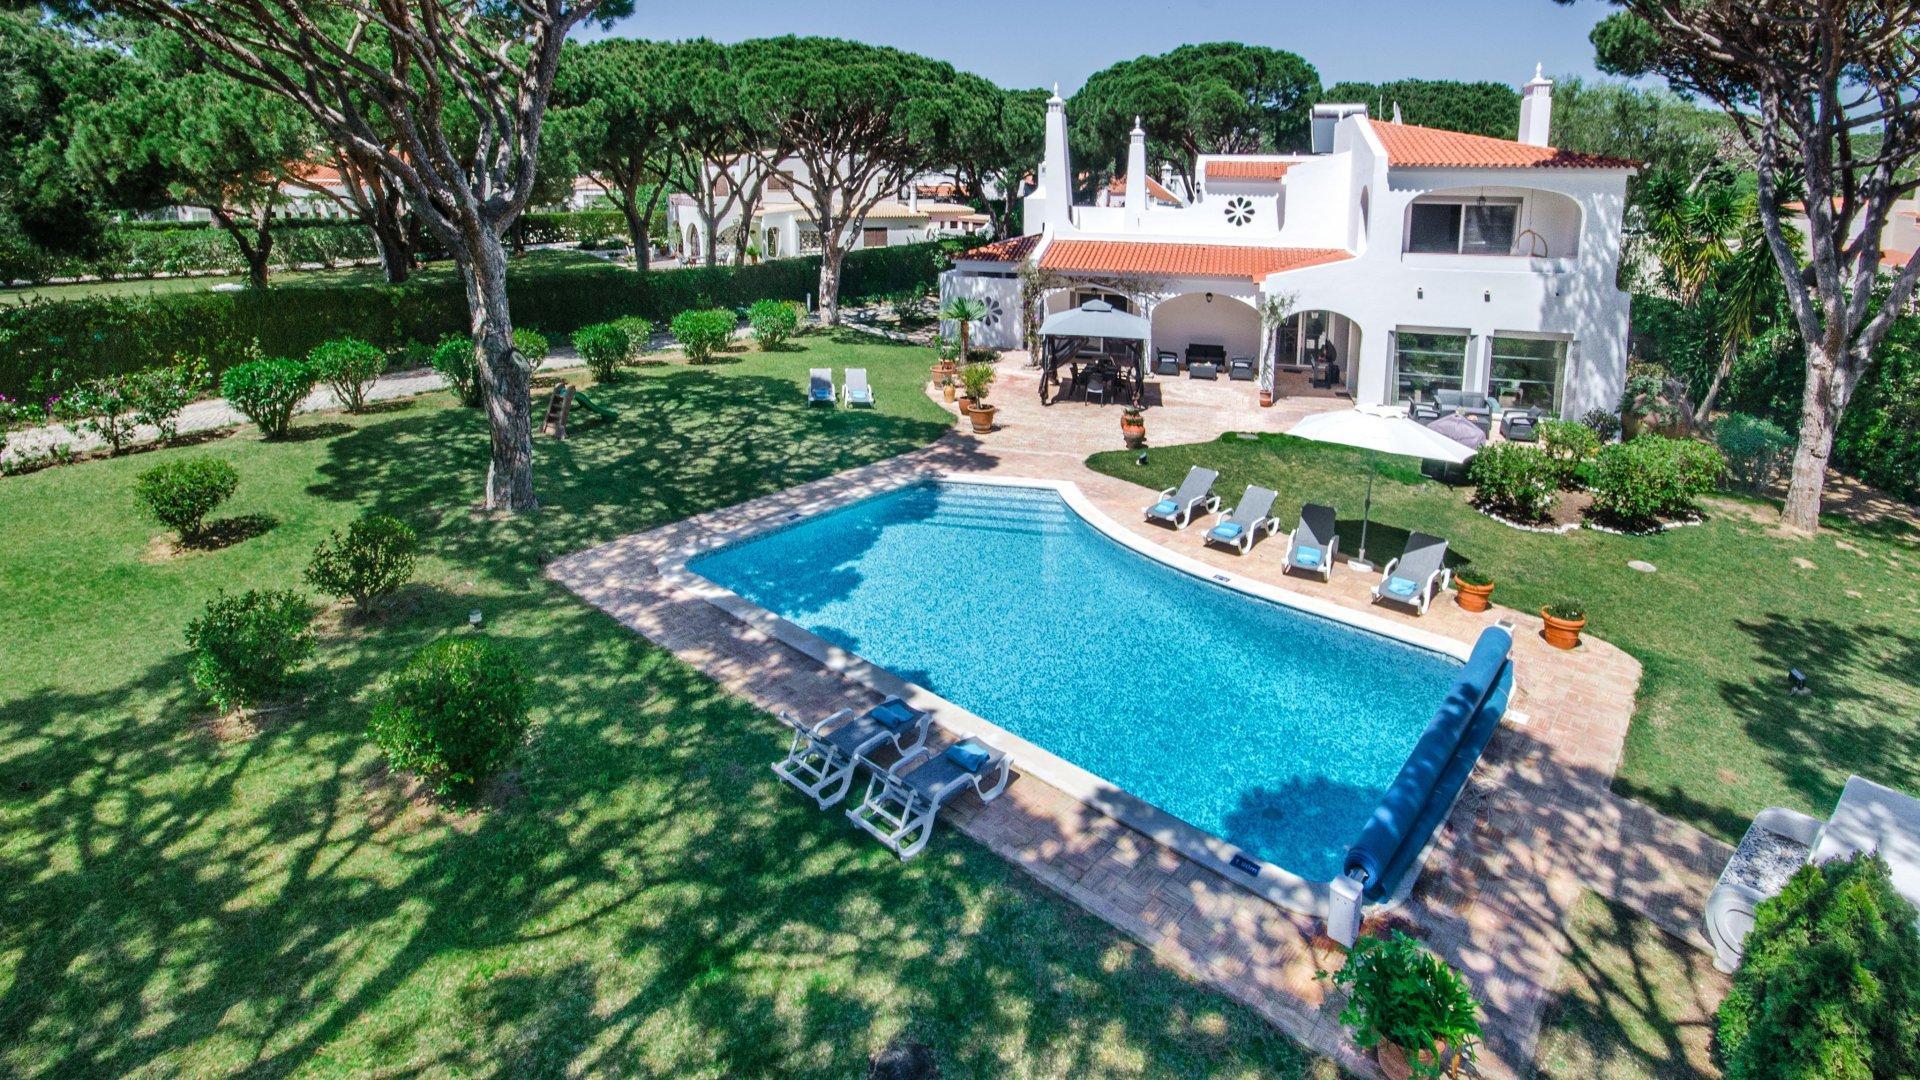 Villa Gigi - Vale do Lobo, Algarve - Gigi_VDL_1.jpg